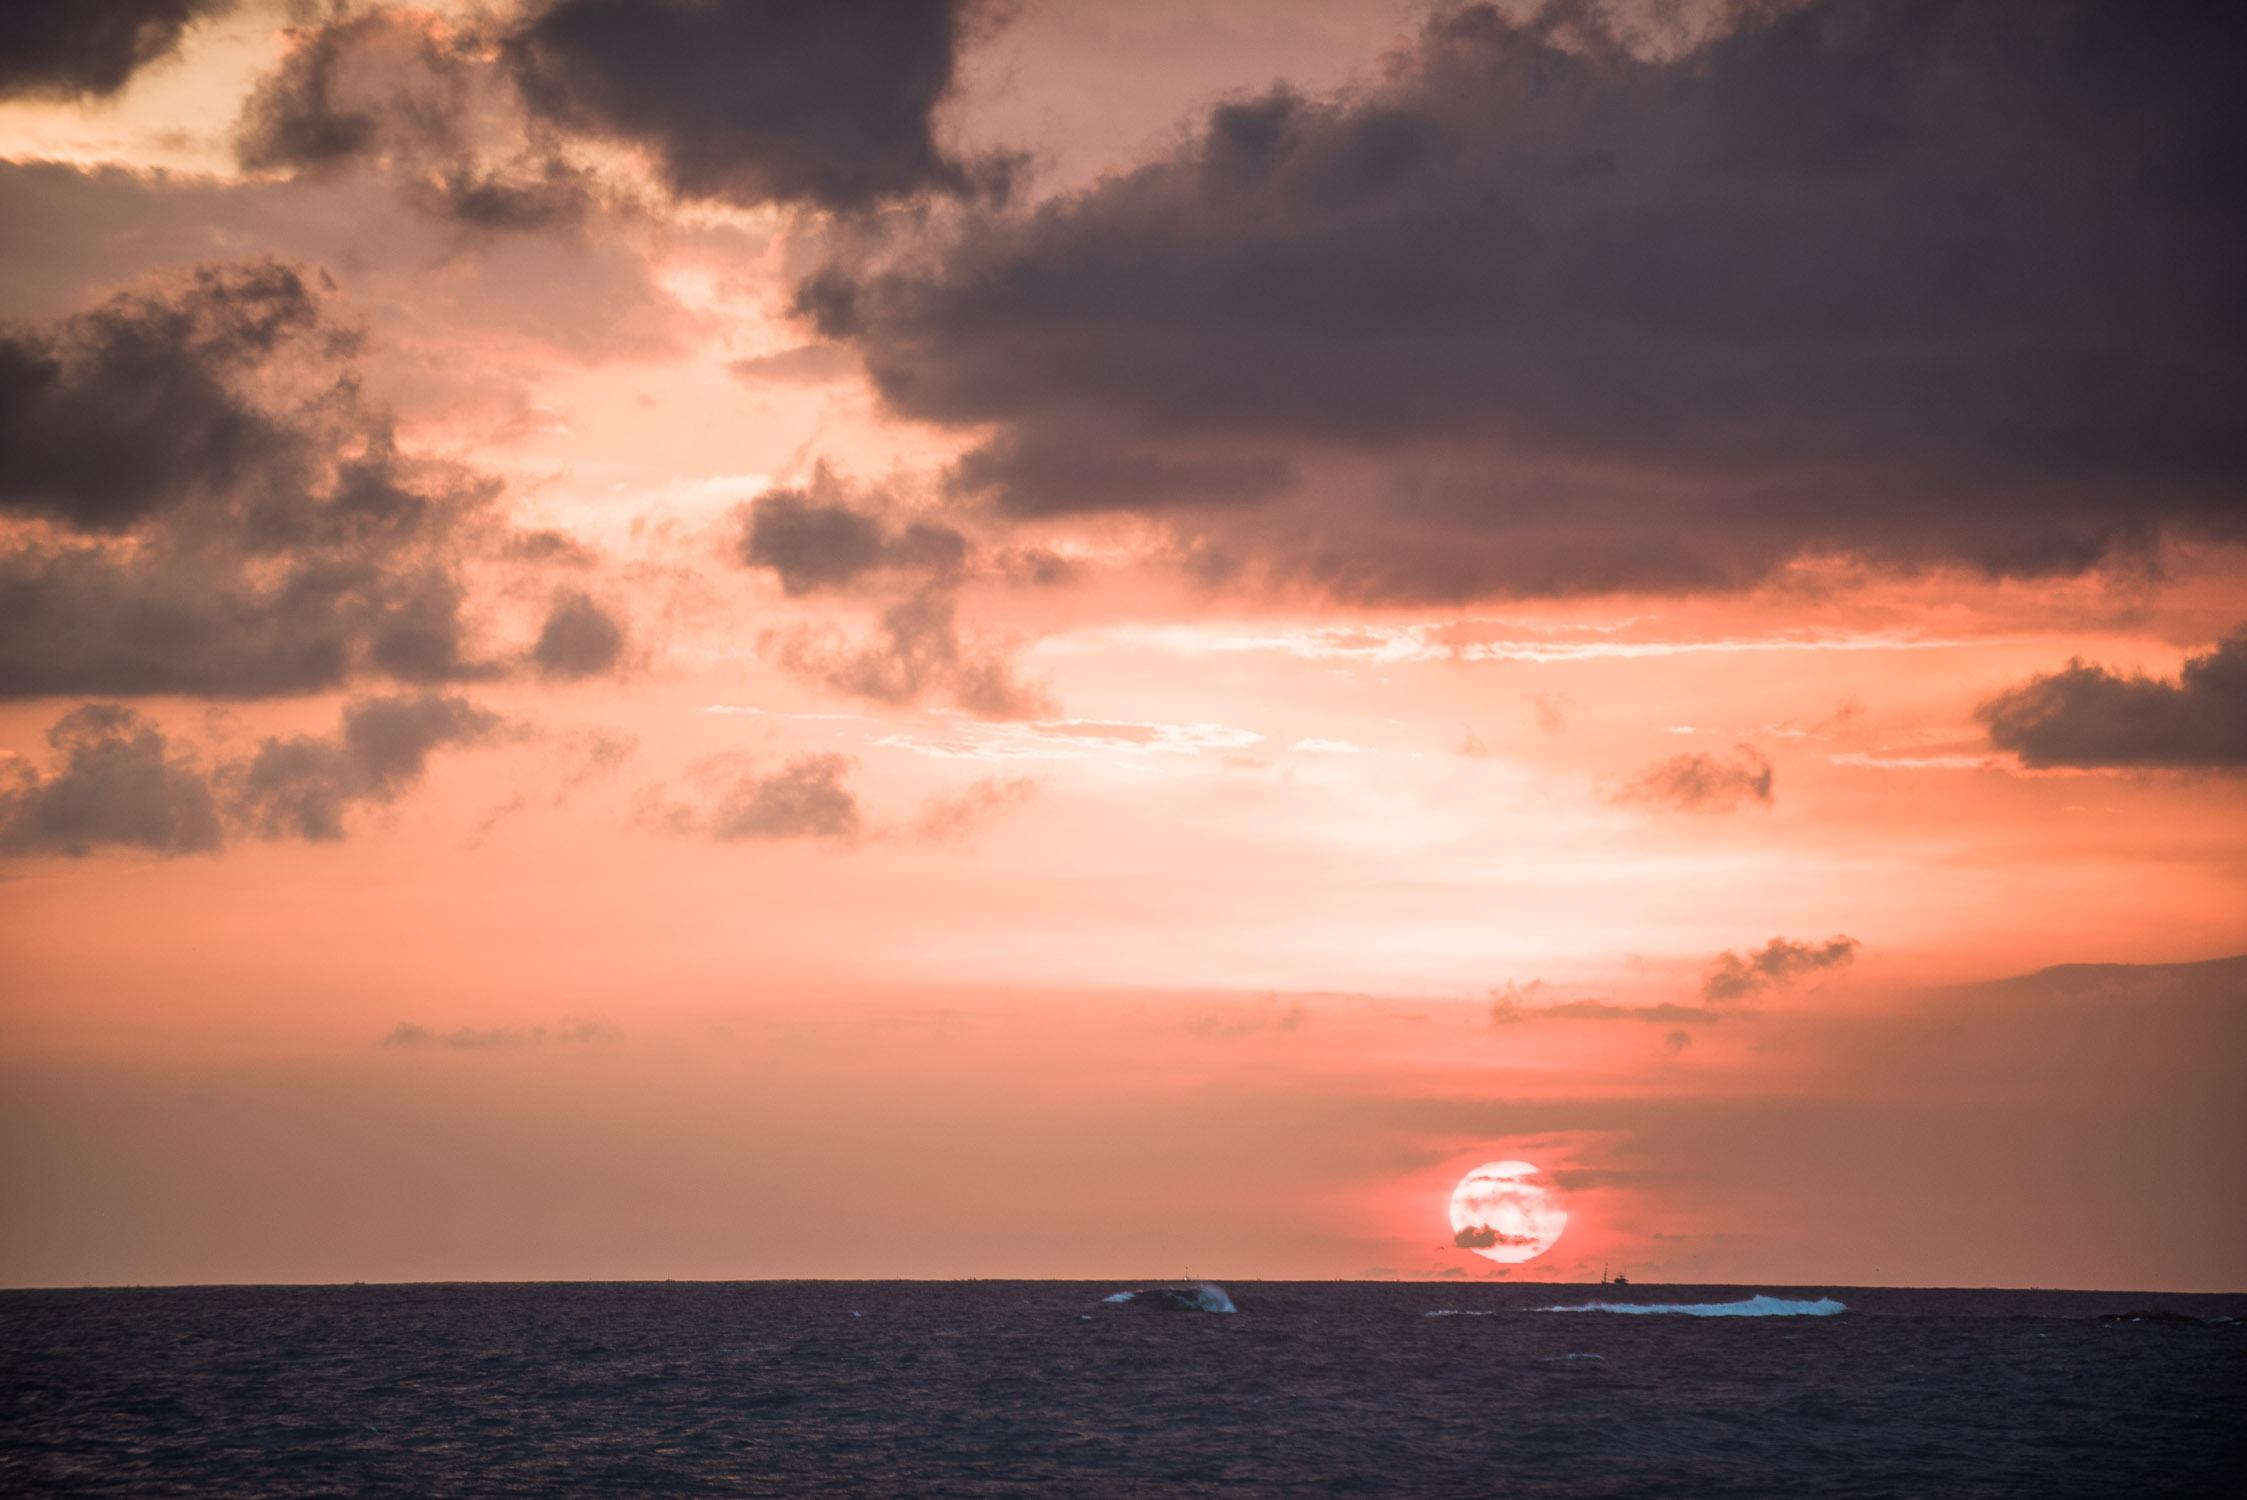 Sunset just above horizon in Sri Lanka on Mirissa Beach